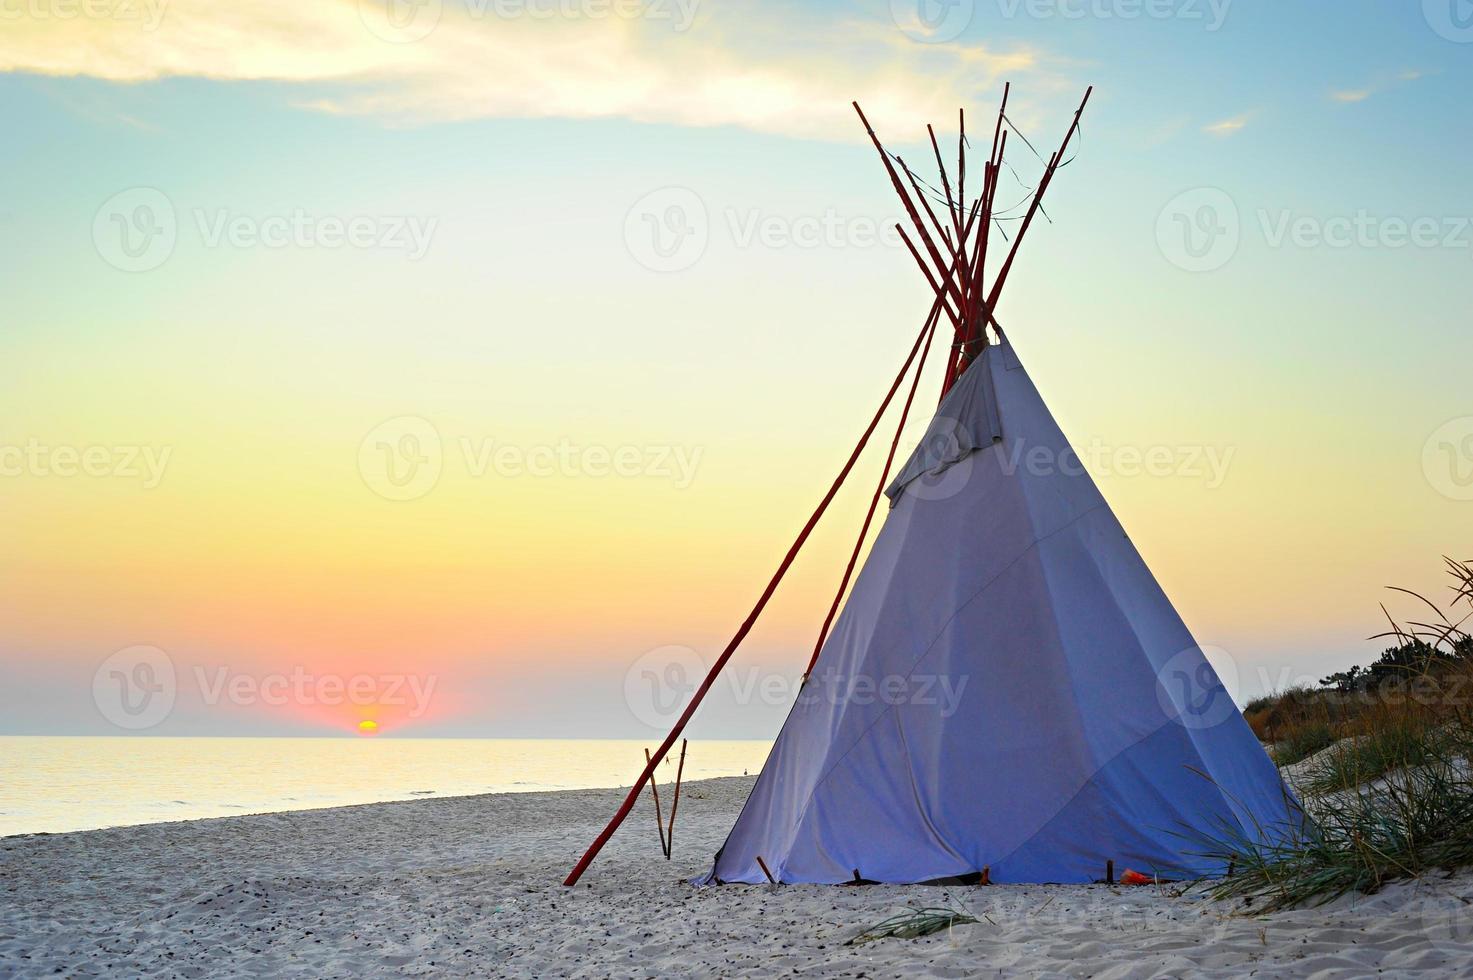 tenda na praia foto